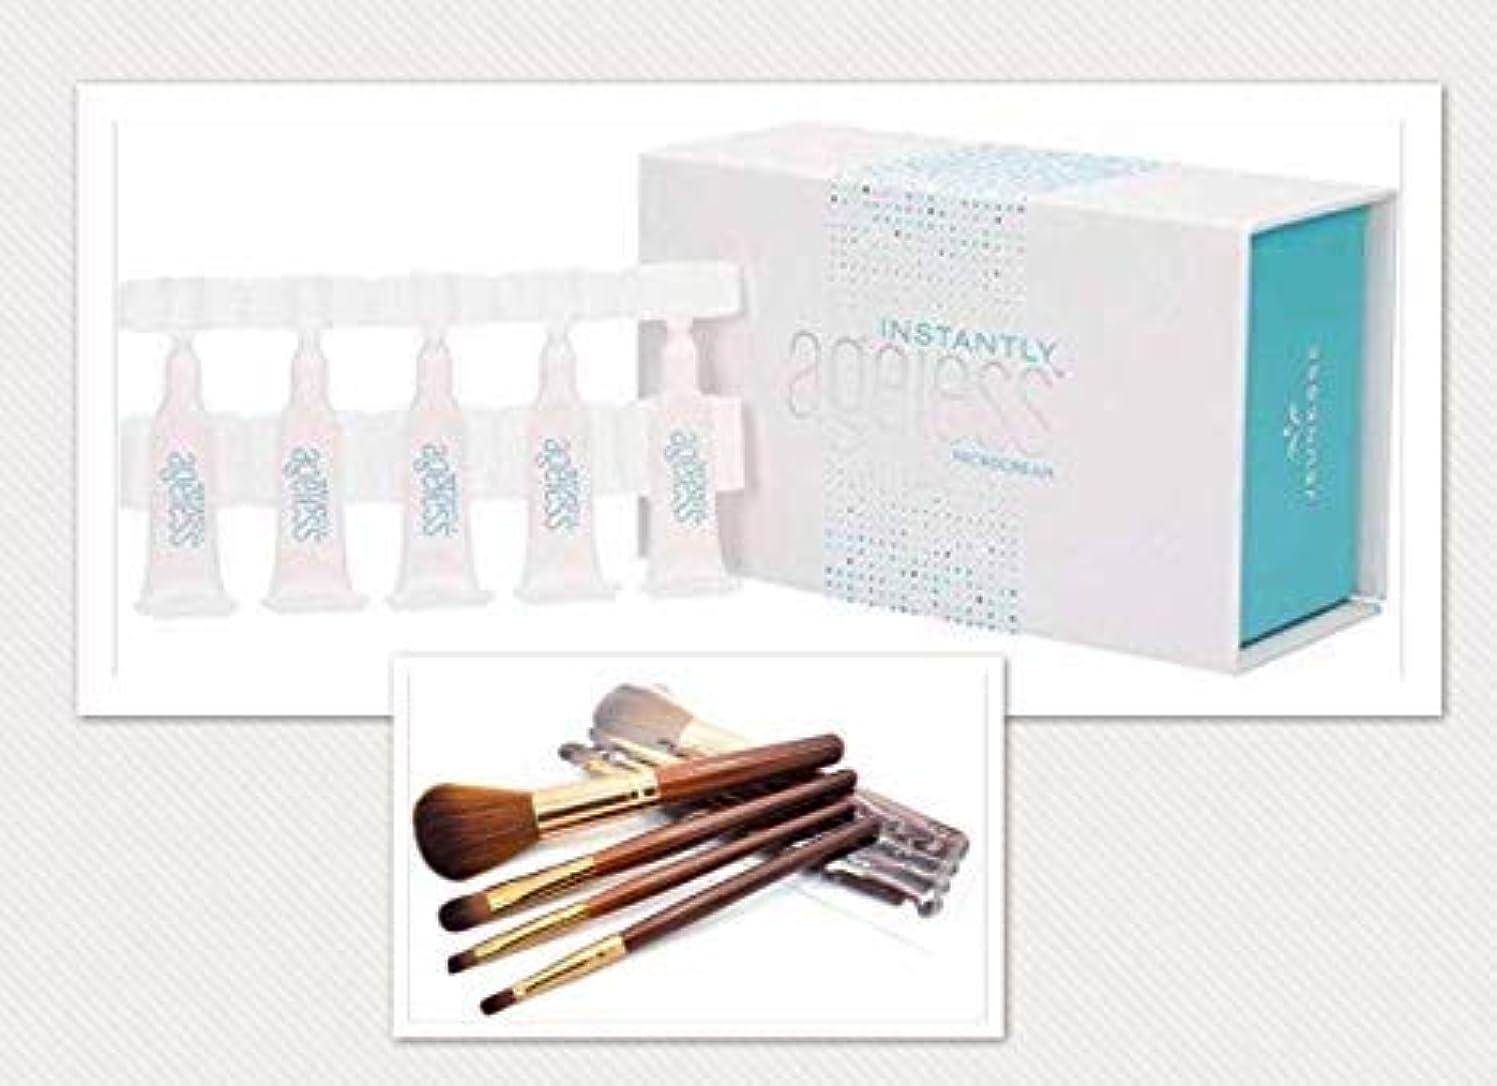 ダウン過半数厚さJeunesse Instantly Ageless 25 Vials. with 4 FREE travel size makeup brushes and case【並行輸入品】メイクブラシ4本付き